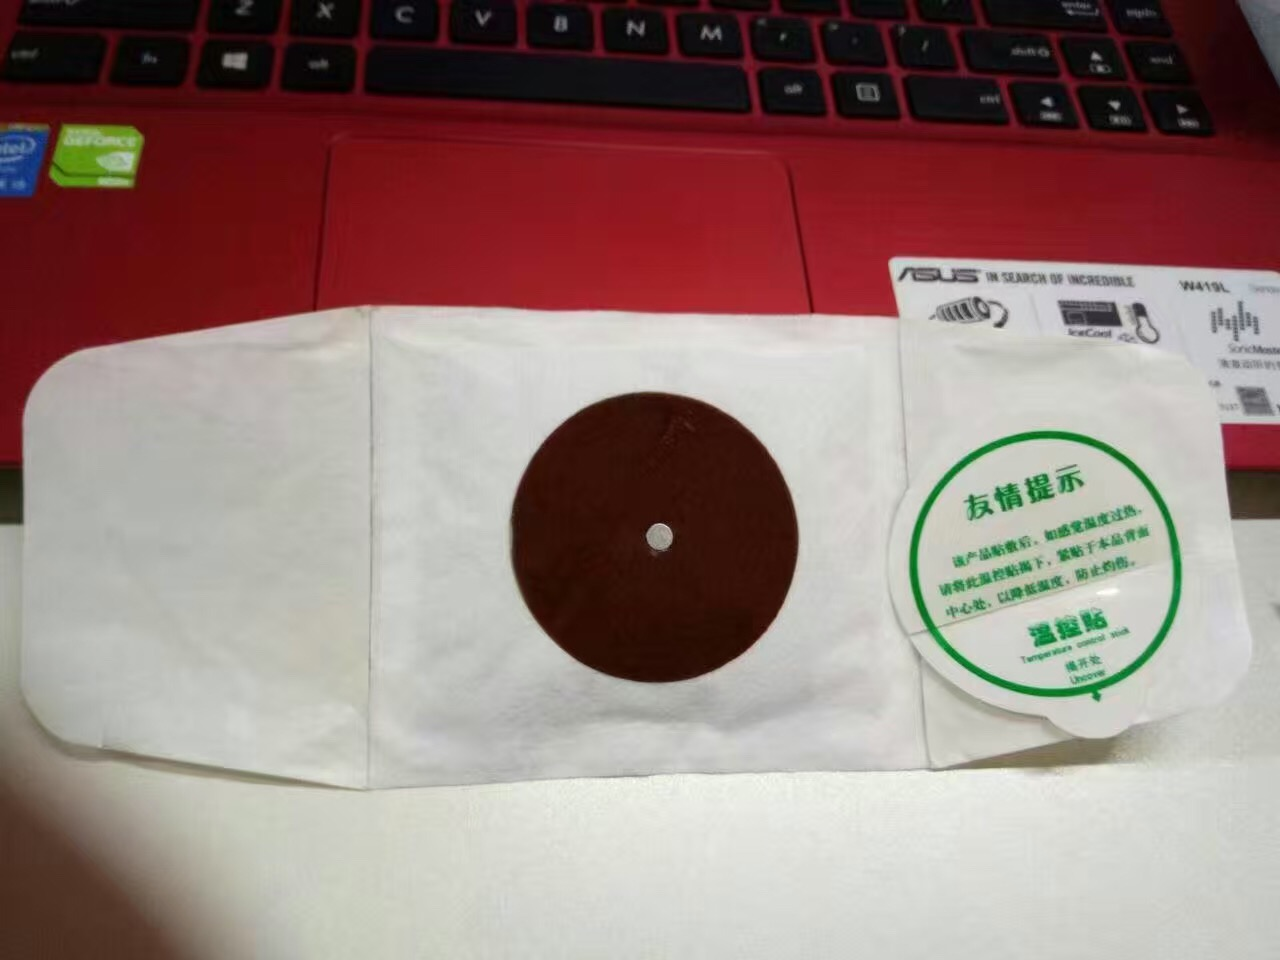 男神前列腺灸OEM贴牌代加工厂家18660749690 定制产品-山东朱氏堂医疗器械有限公司.